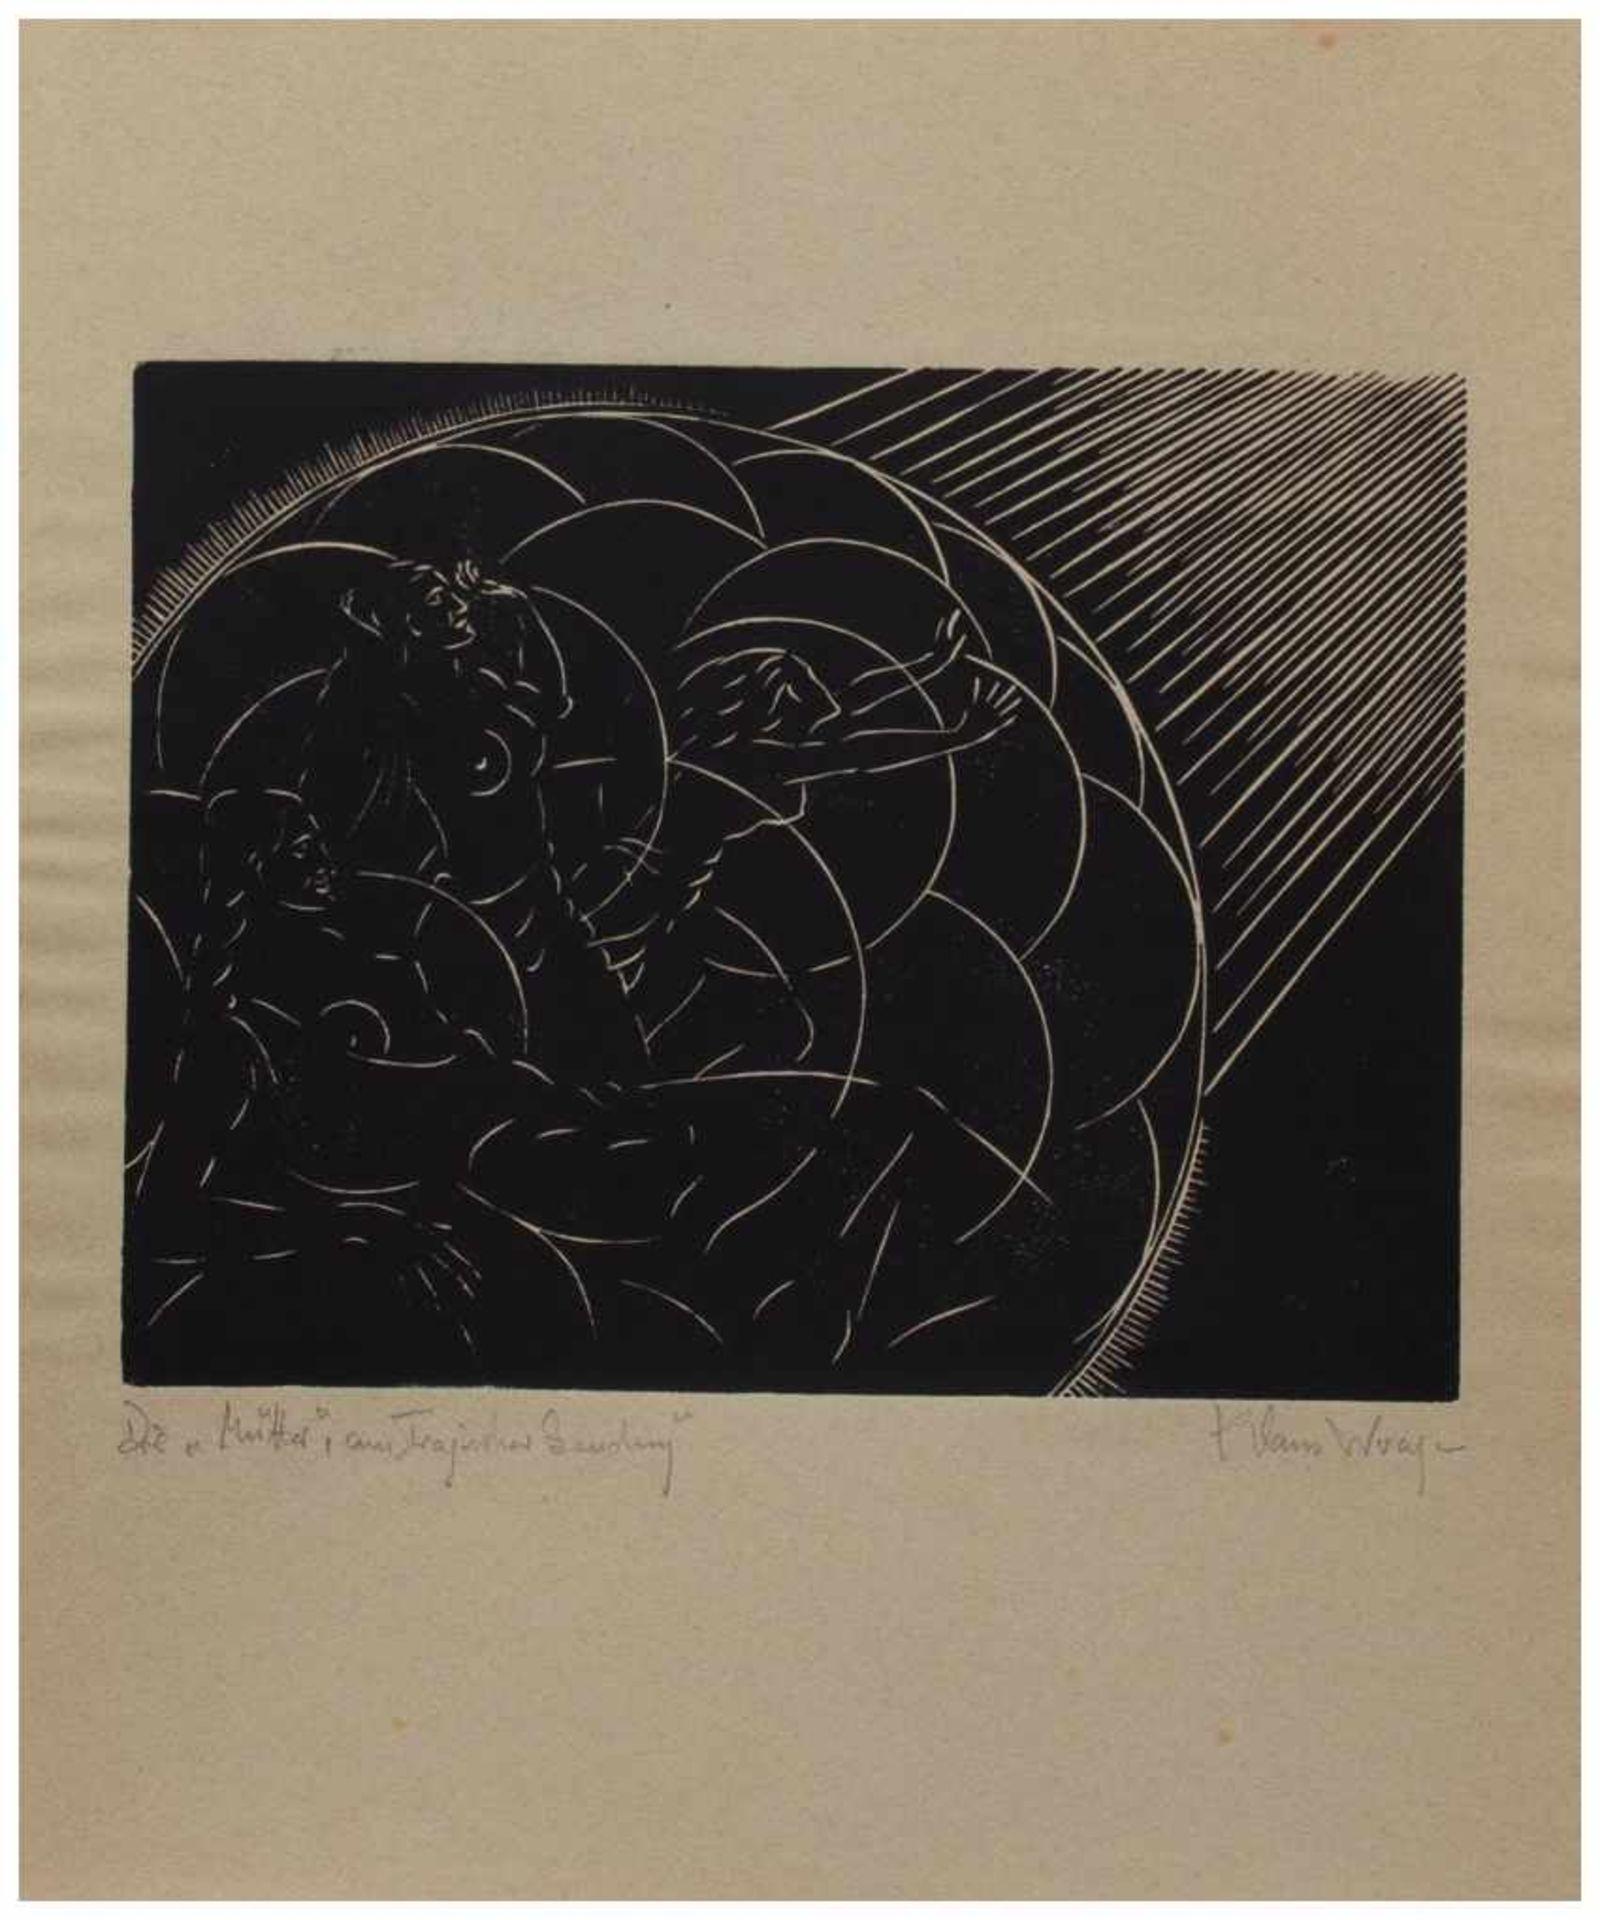 Los 12 - Klaus Wrage (Malente-Gremsmühlen 1891 - 1984 Eutin-Fissau, deutscher Maler u. Grafiker, entstammt